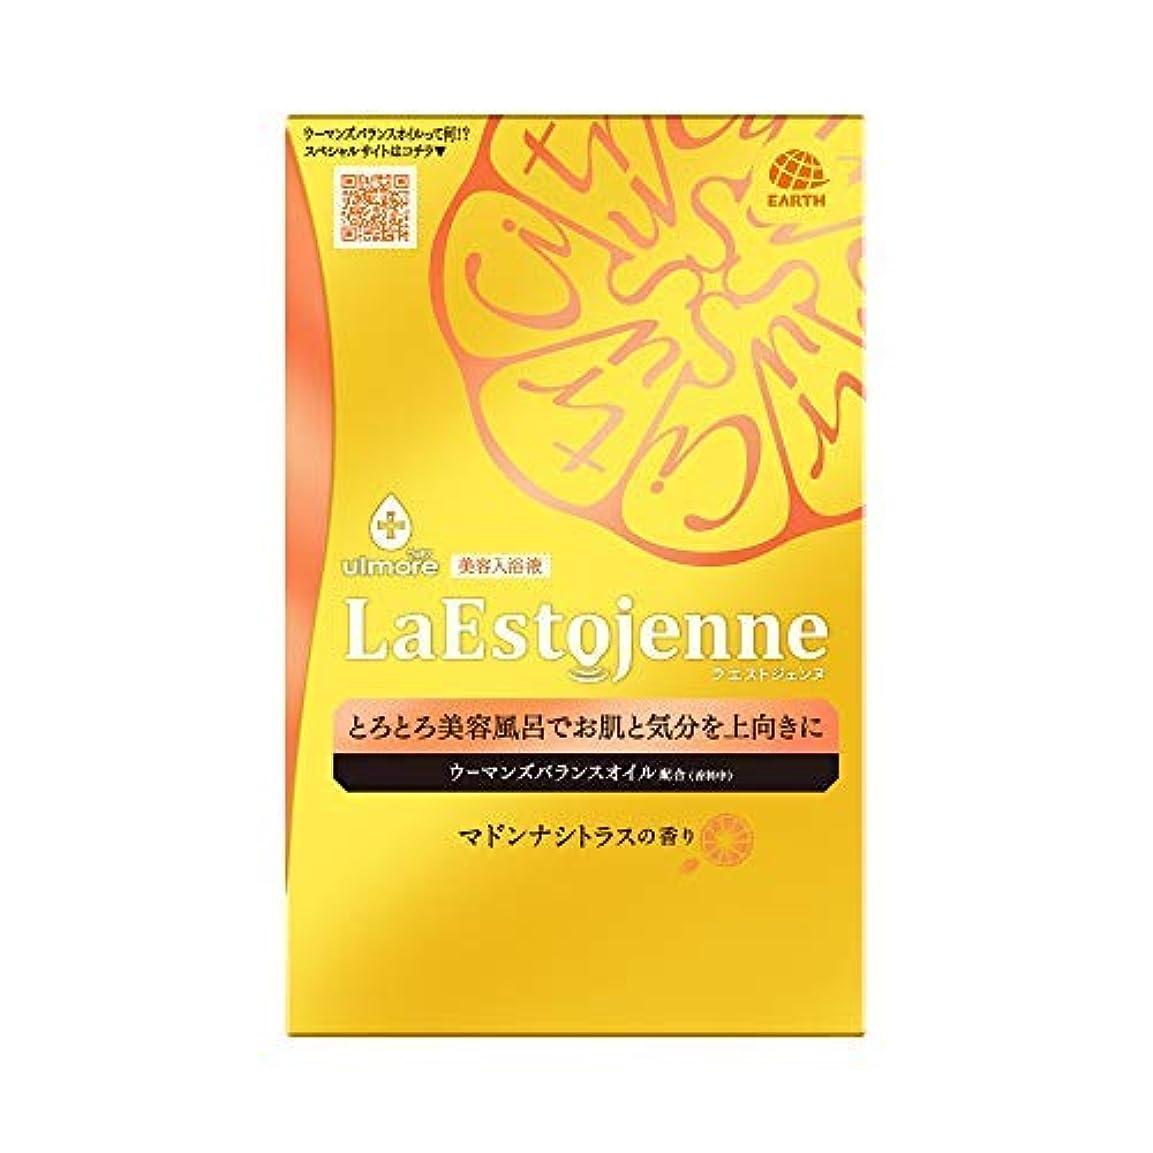 降ろすただやる固執ウルモア ラエストジェンヌ マドンナシトラスの香り 3包入り × 2個セット